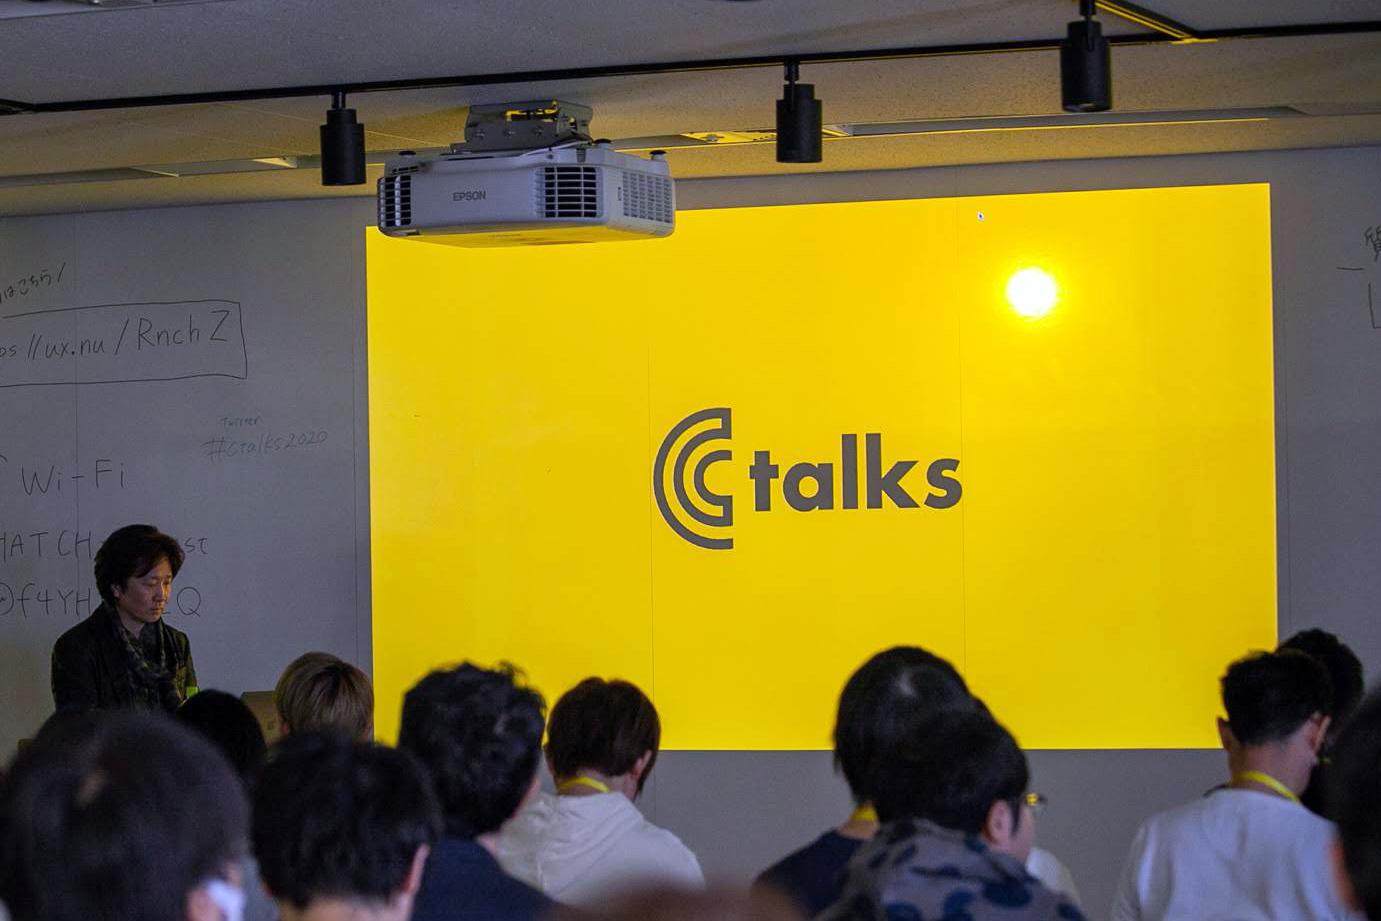 Ctalks2020でグローバルメーカーとUXデザインについて語る